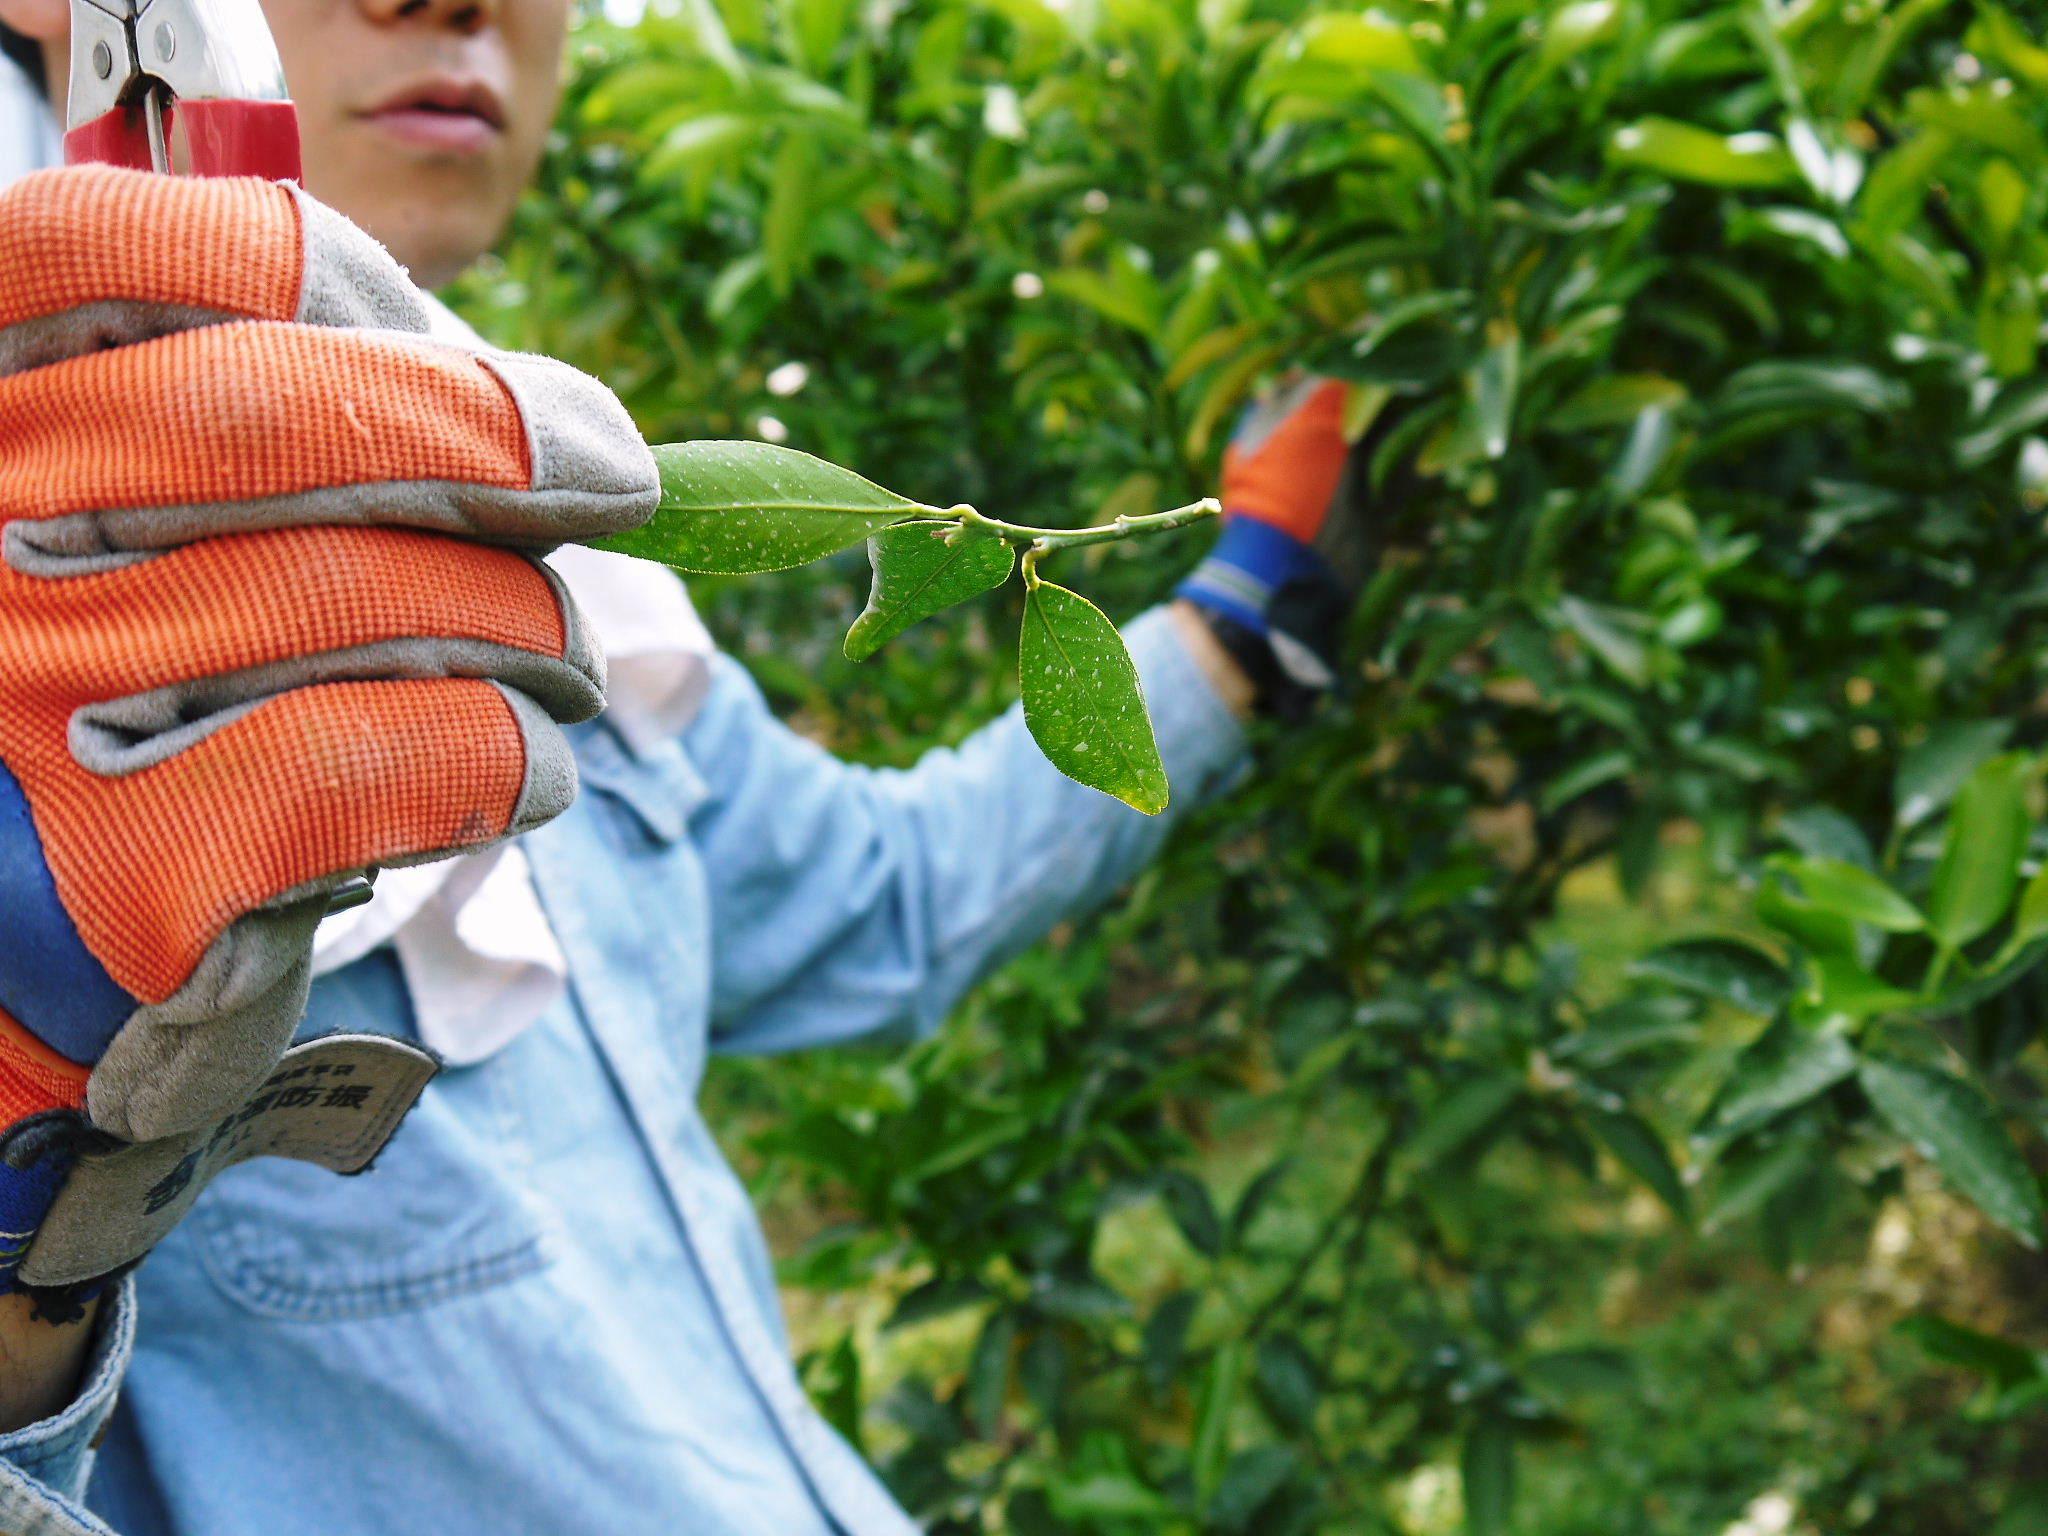 究極の柑橘「せとか」今年も完売御礼!そして次のせとかの栽培はすでに始まっています!花と花芽剪定の様子_a0254656_17075404.jpg